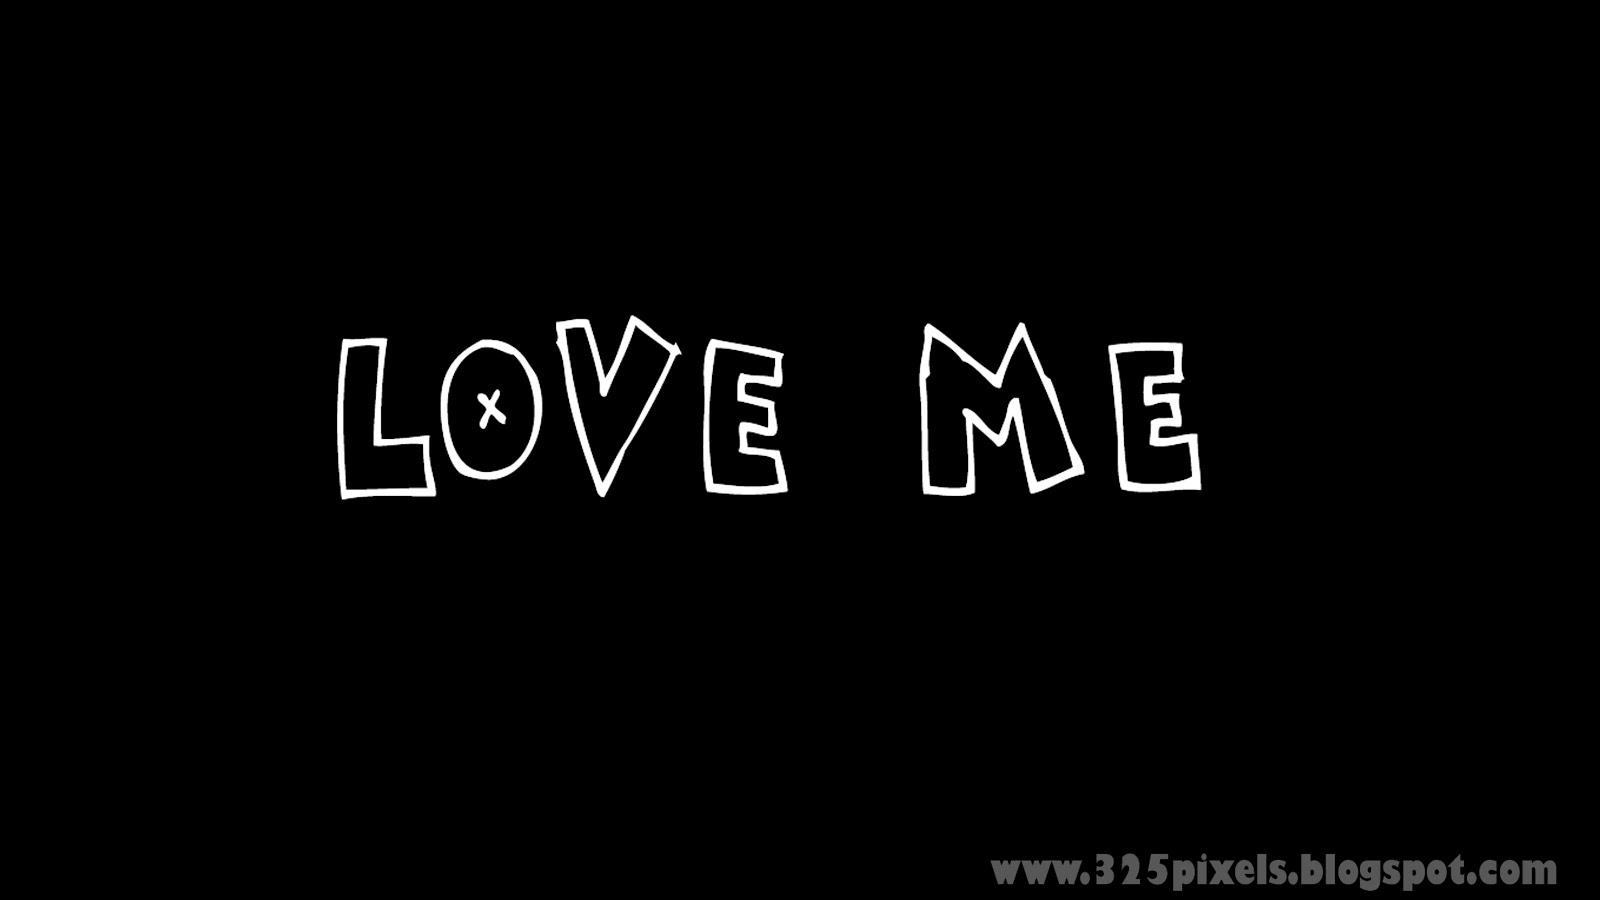 ... /-mqEkMbTRHLA/UM1ahRQxAGI/AAAAAAAAAo8/-bHl_JwflQE/s1600/love%2Bme.jpg